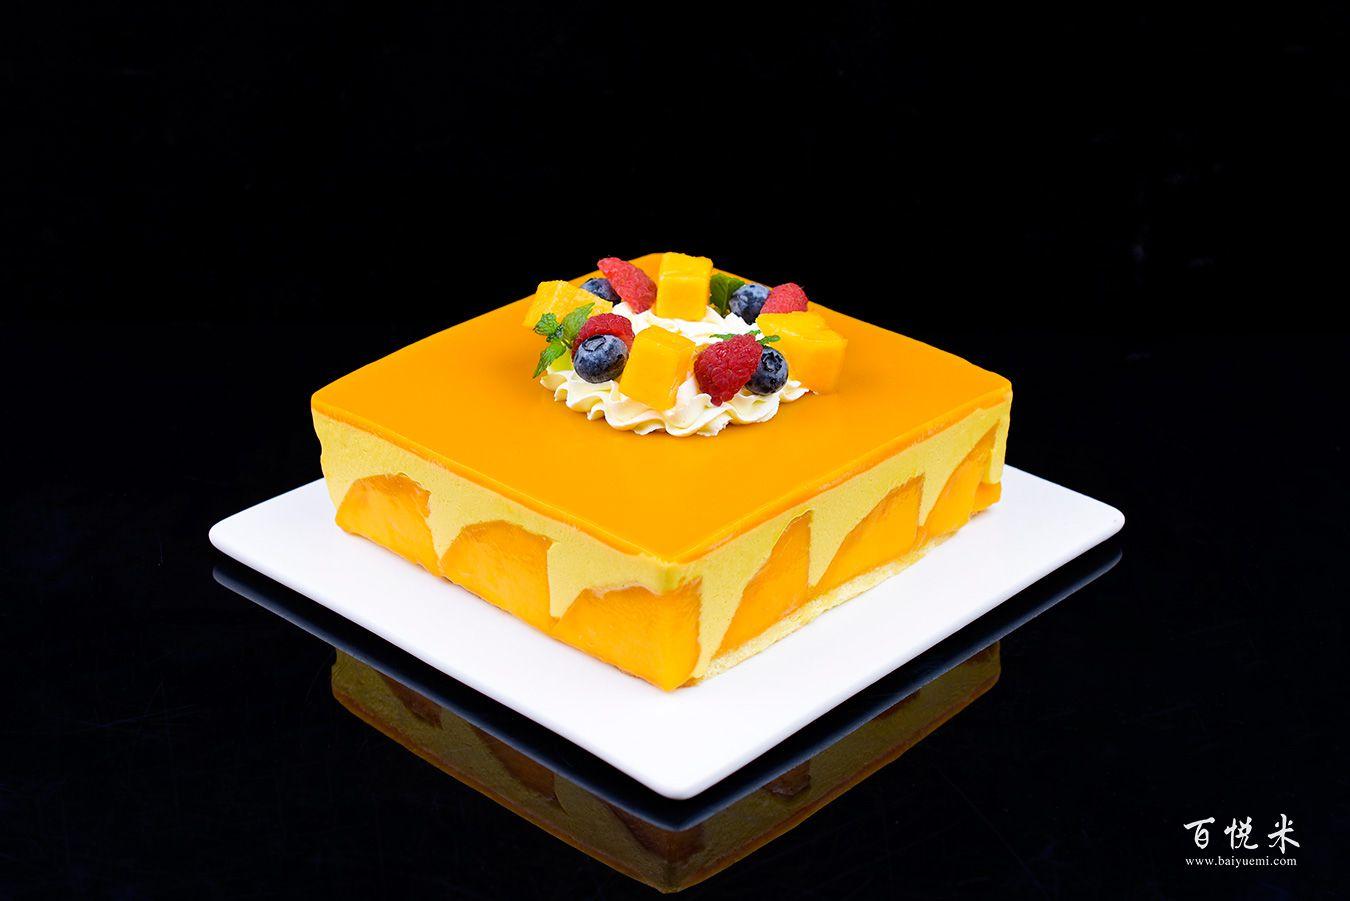 芒果慕斯蛋糕高清图片大全【蛋糕图片】_455